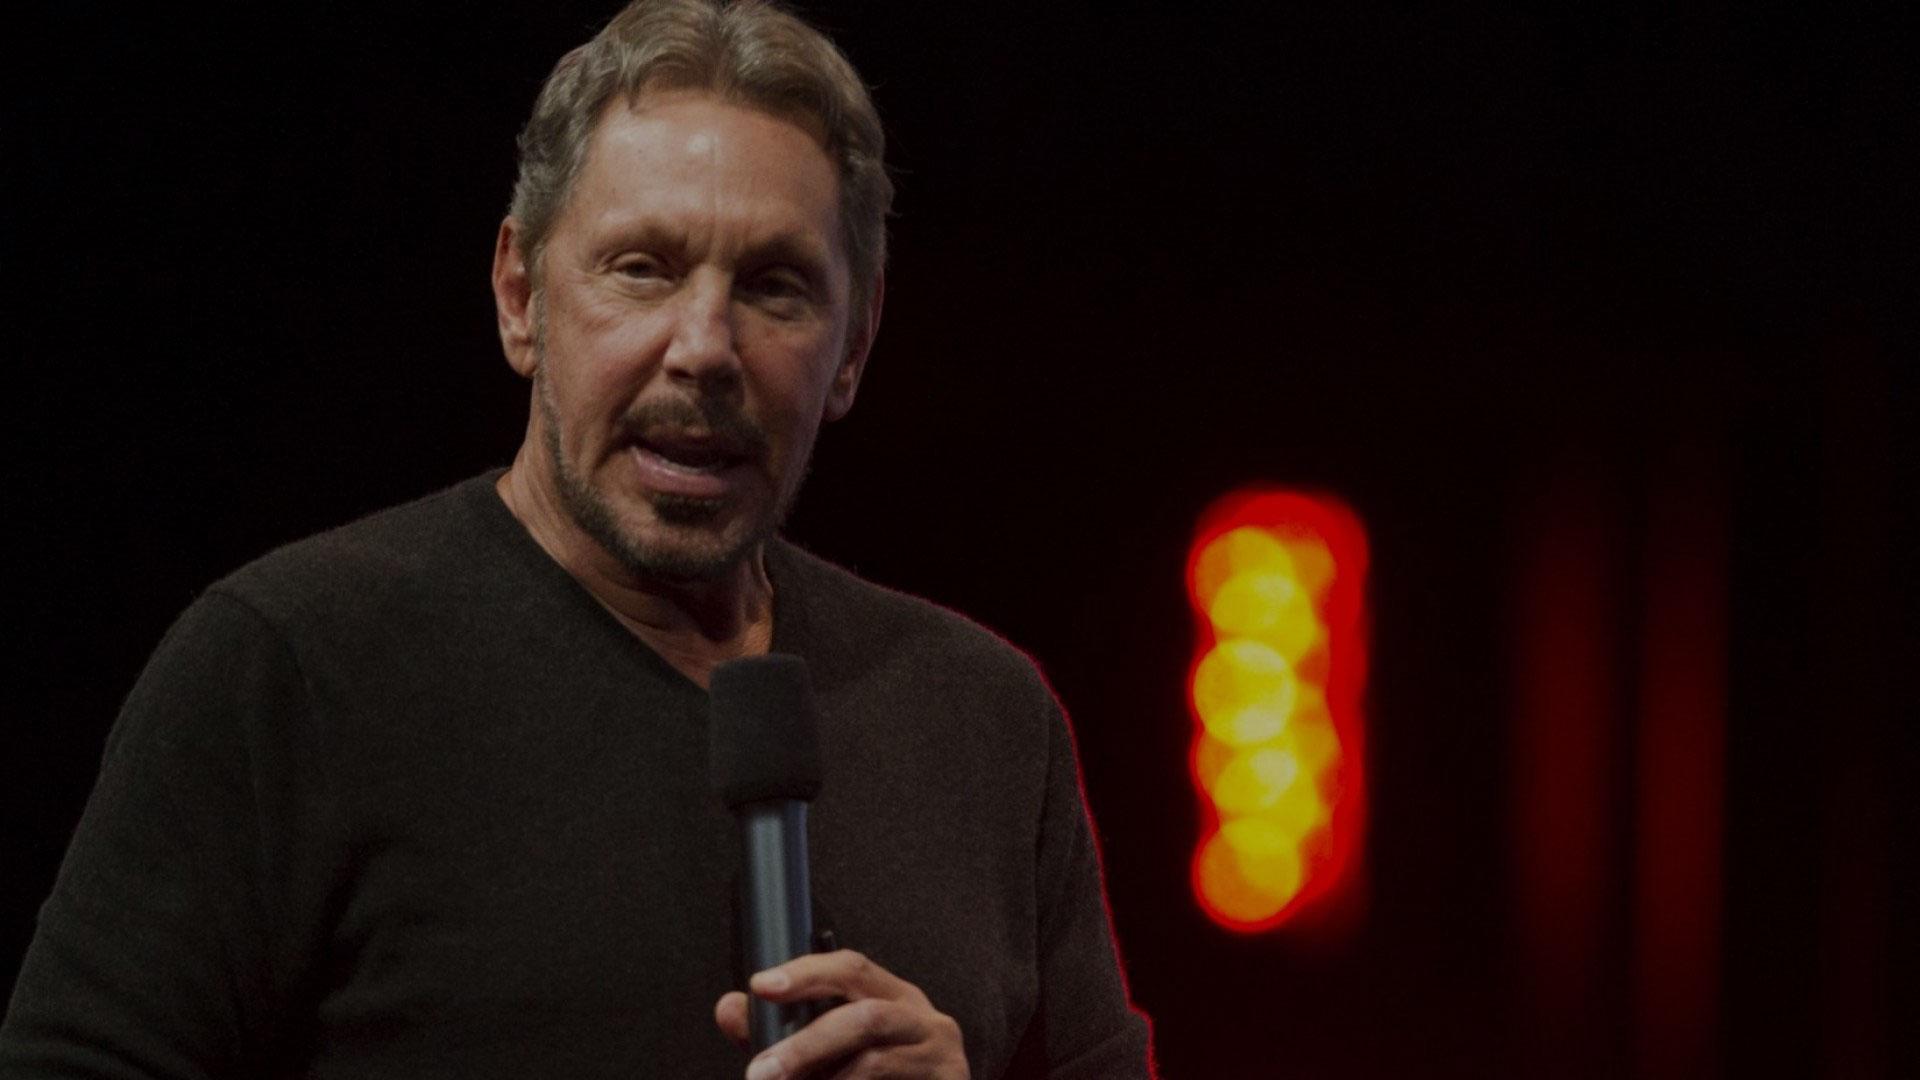 Az Oracle milliárdos vezérigazgatója, Larry Ellison